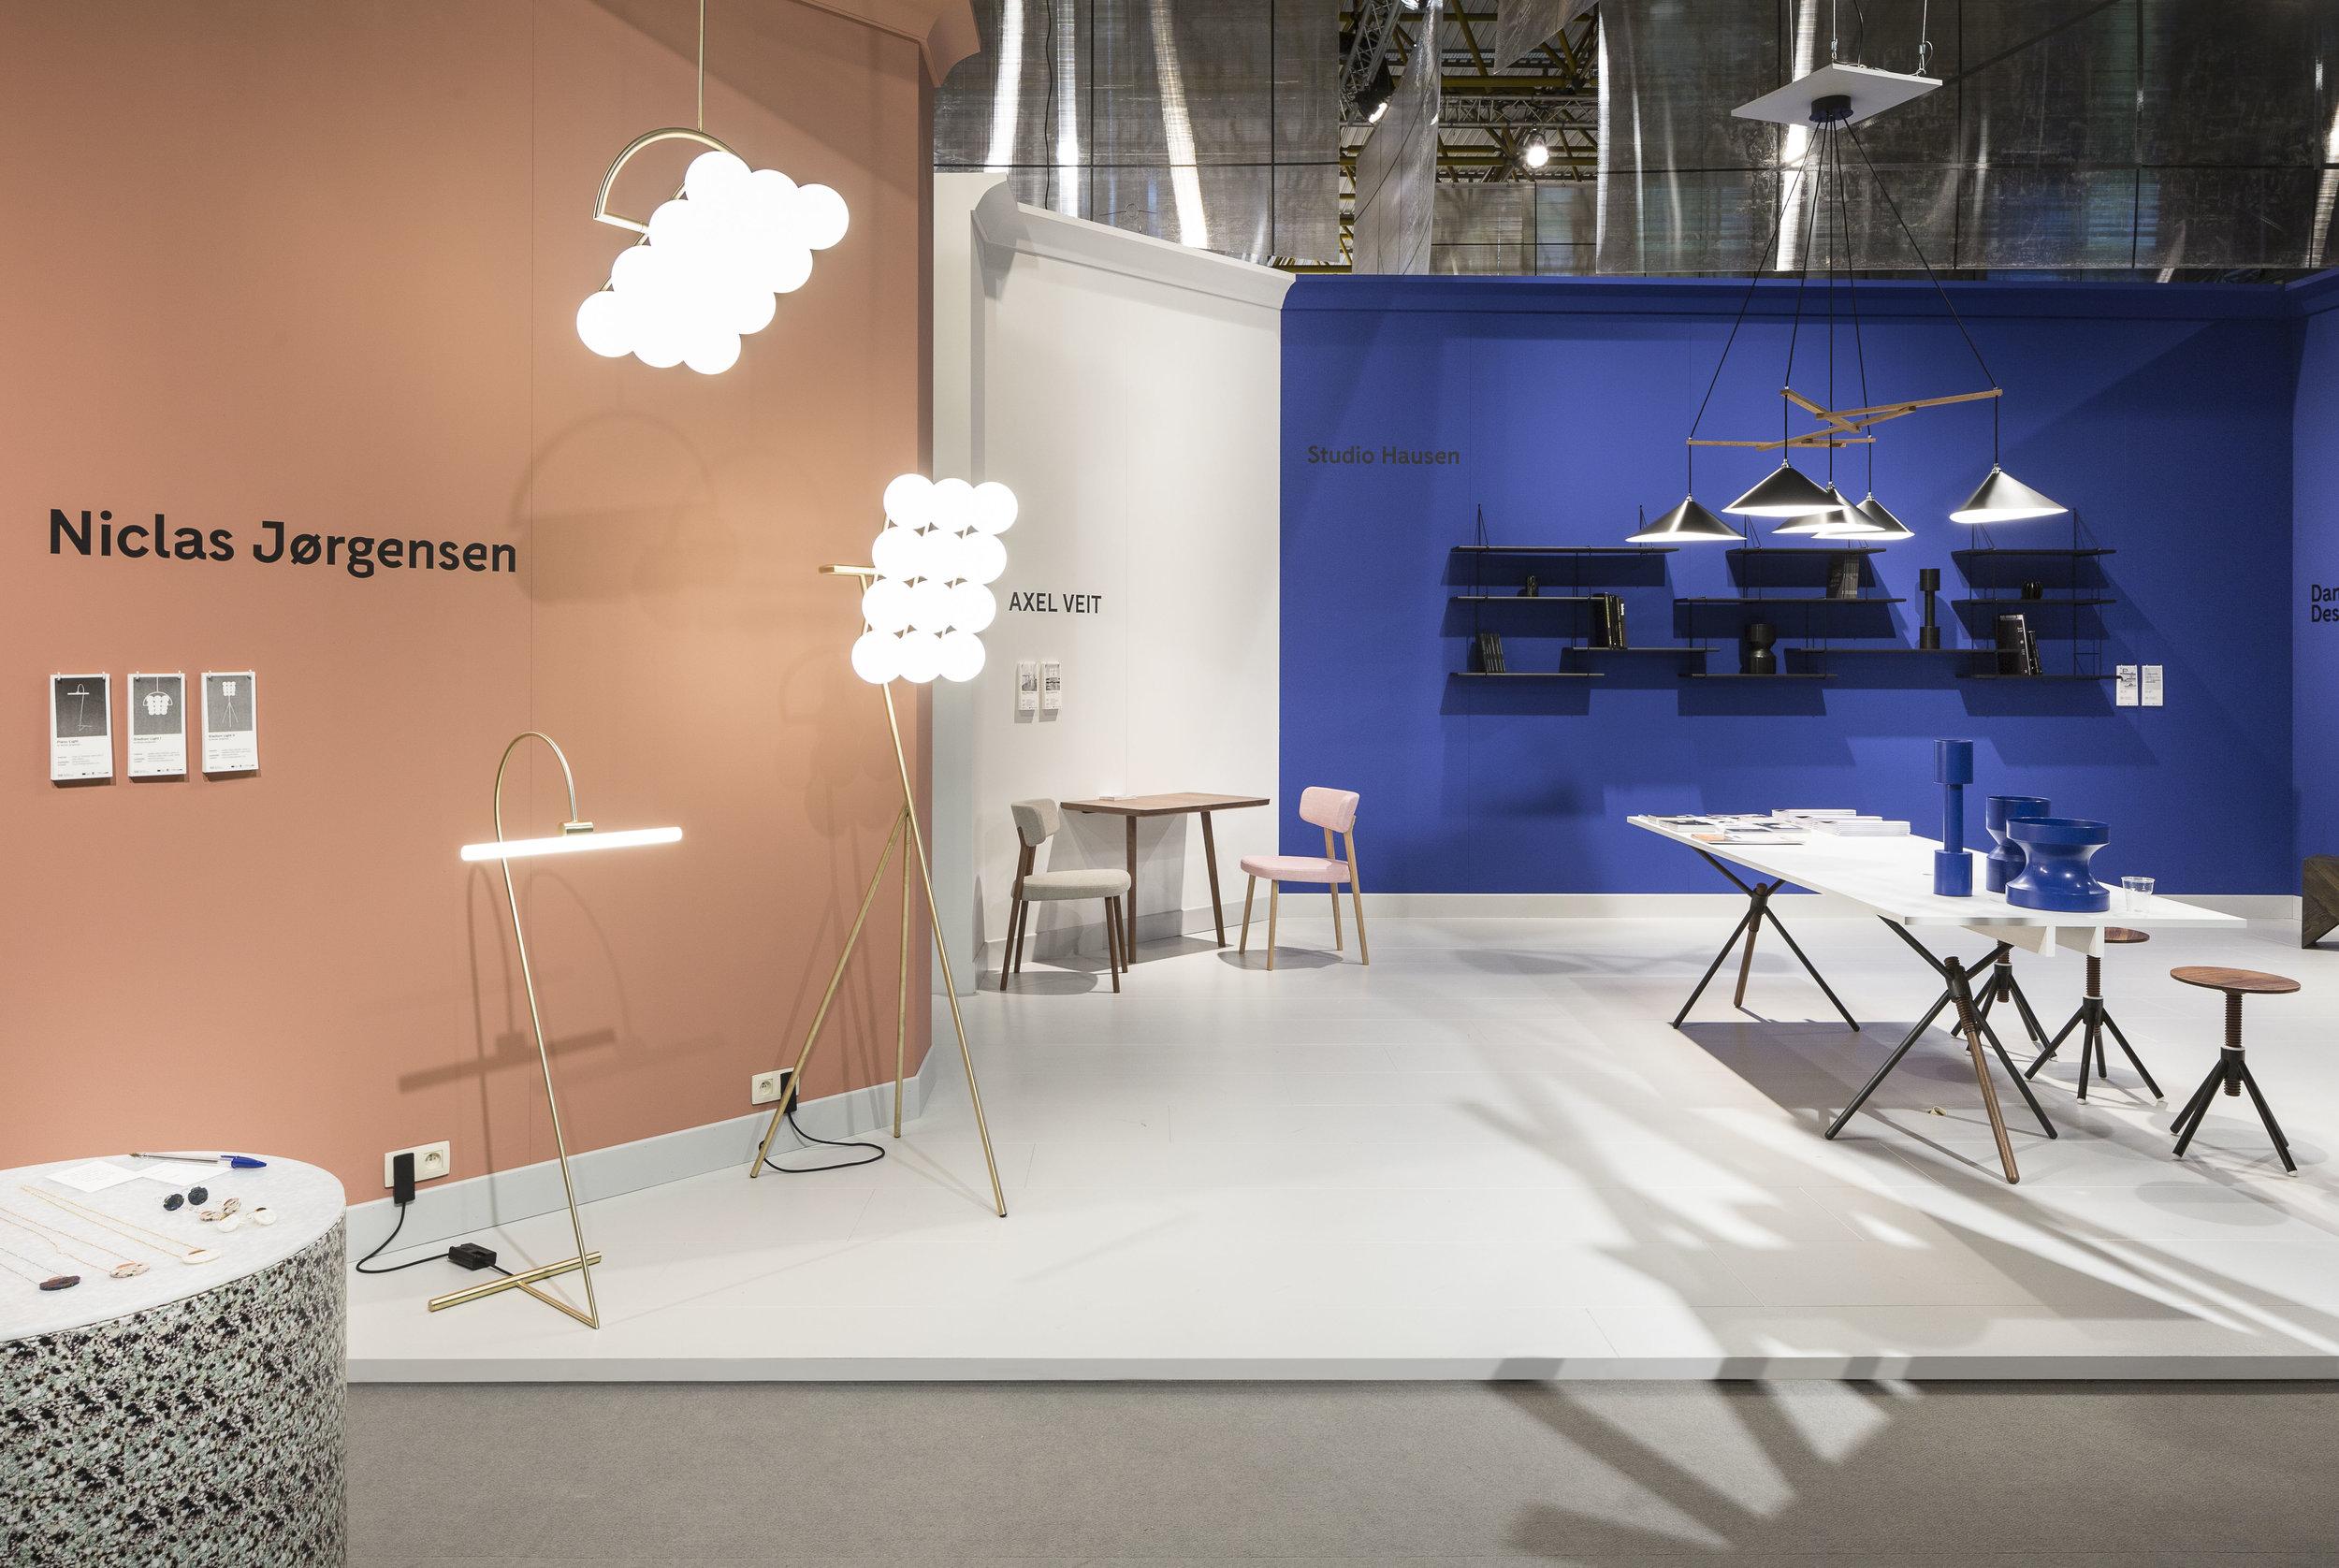 berlin-design-selection-kortrijk_tradefair-exhibition-design_coordination-berlin_11.jpg